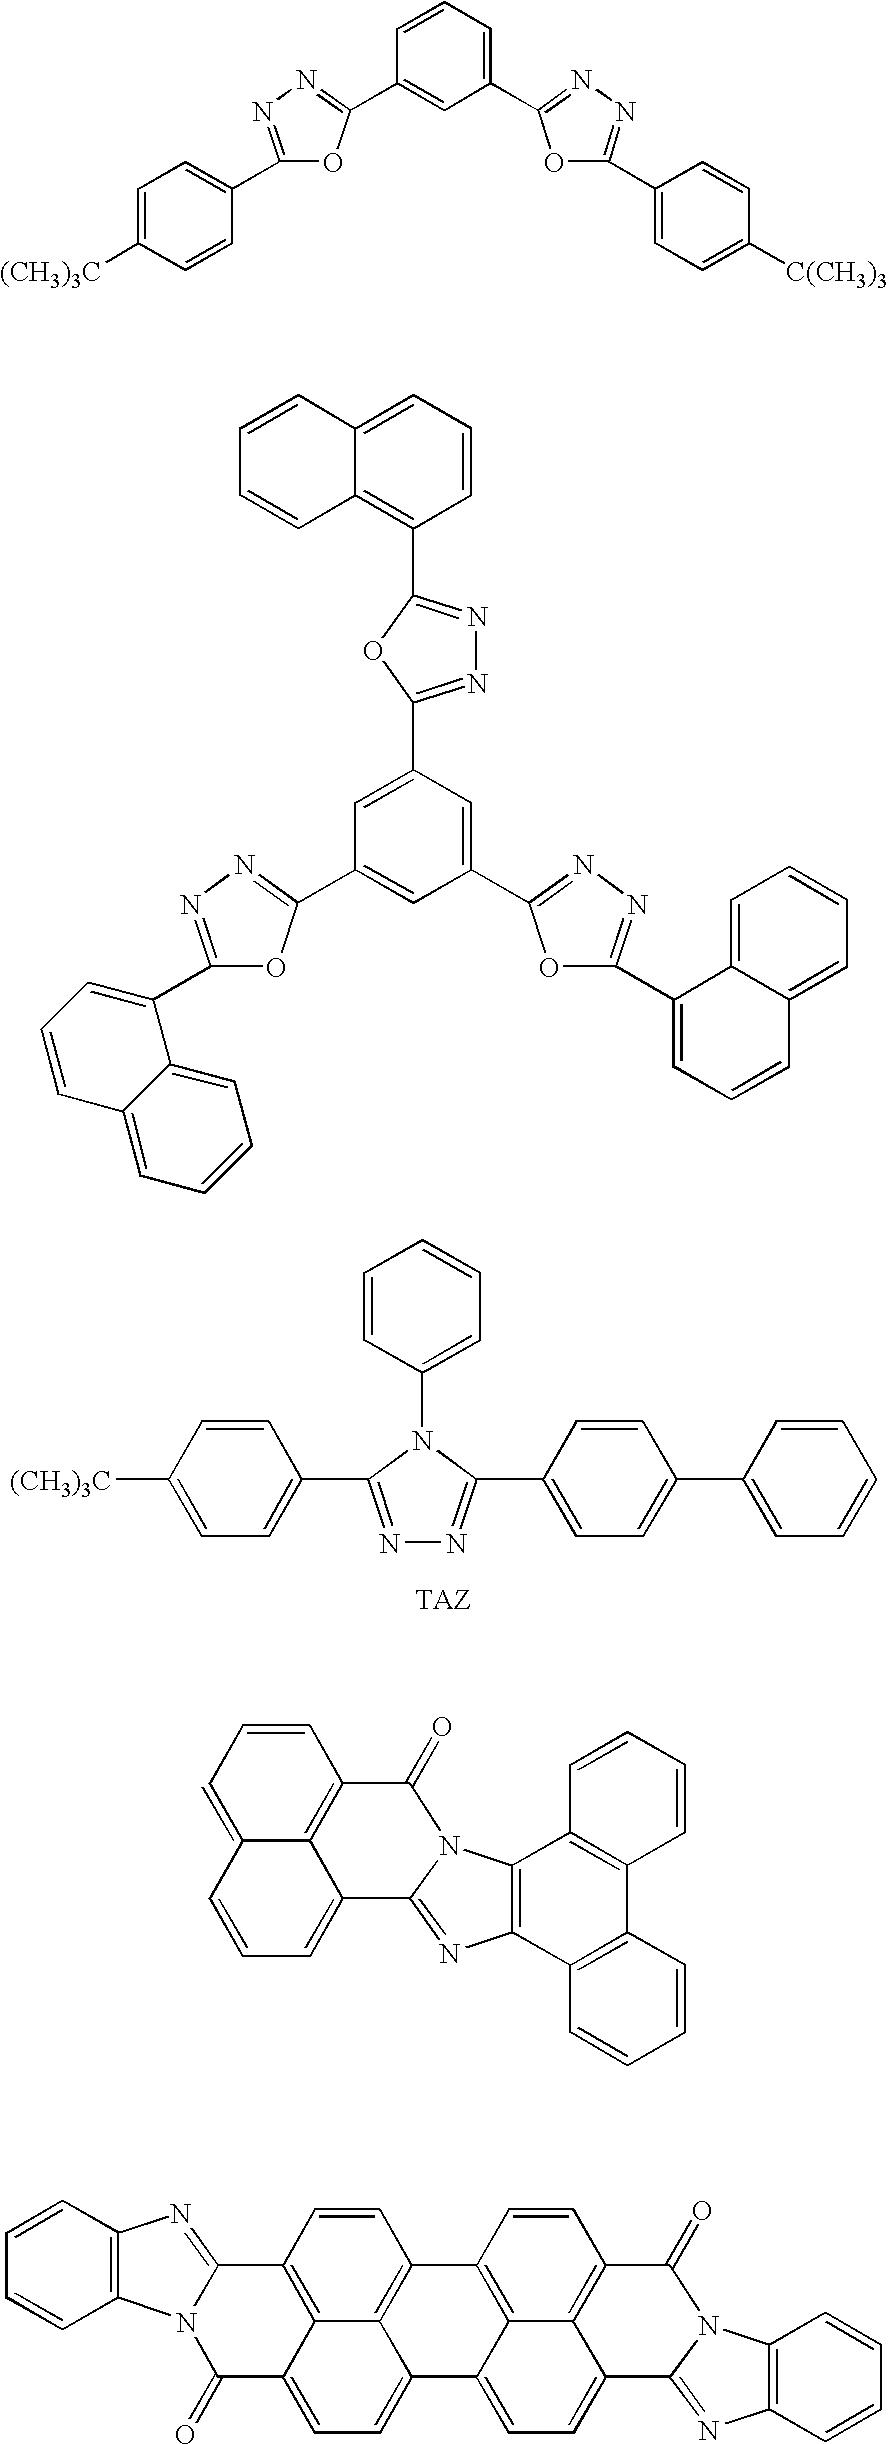 Figure US07375250-20080520-C00032